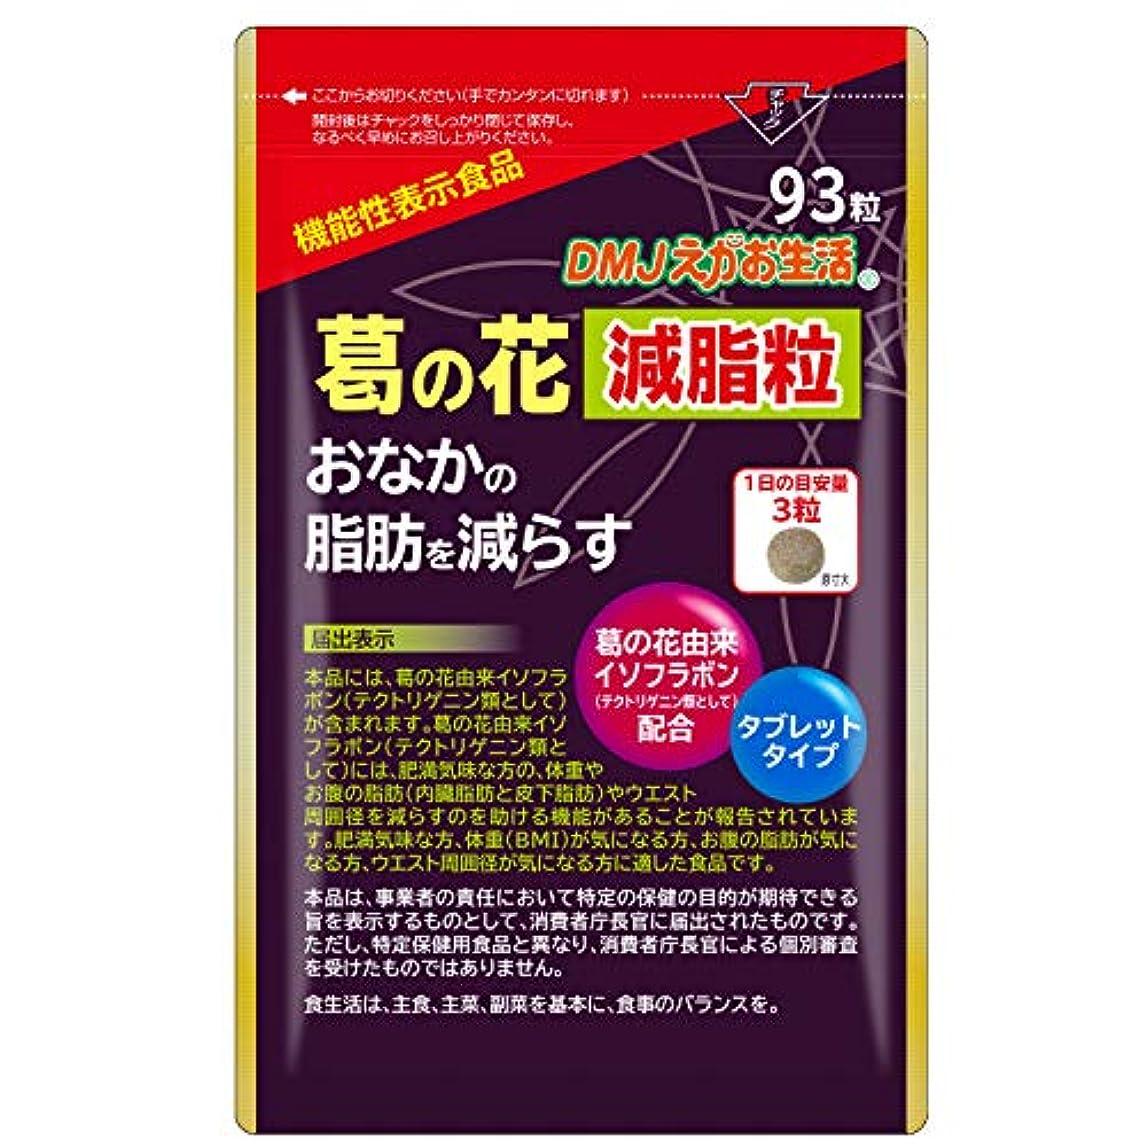 付き添い人面倒休戦葛の花減脂粒 [体重ケア サプリメント/DMJえがお生活] 葛の花イソフラボン含有 内臓脂肪 (機能性表示食品) 肥満 日本製 31日分